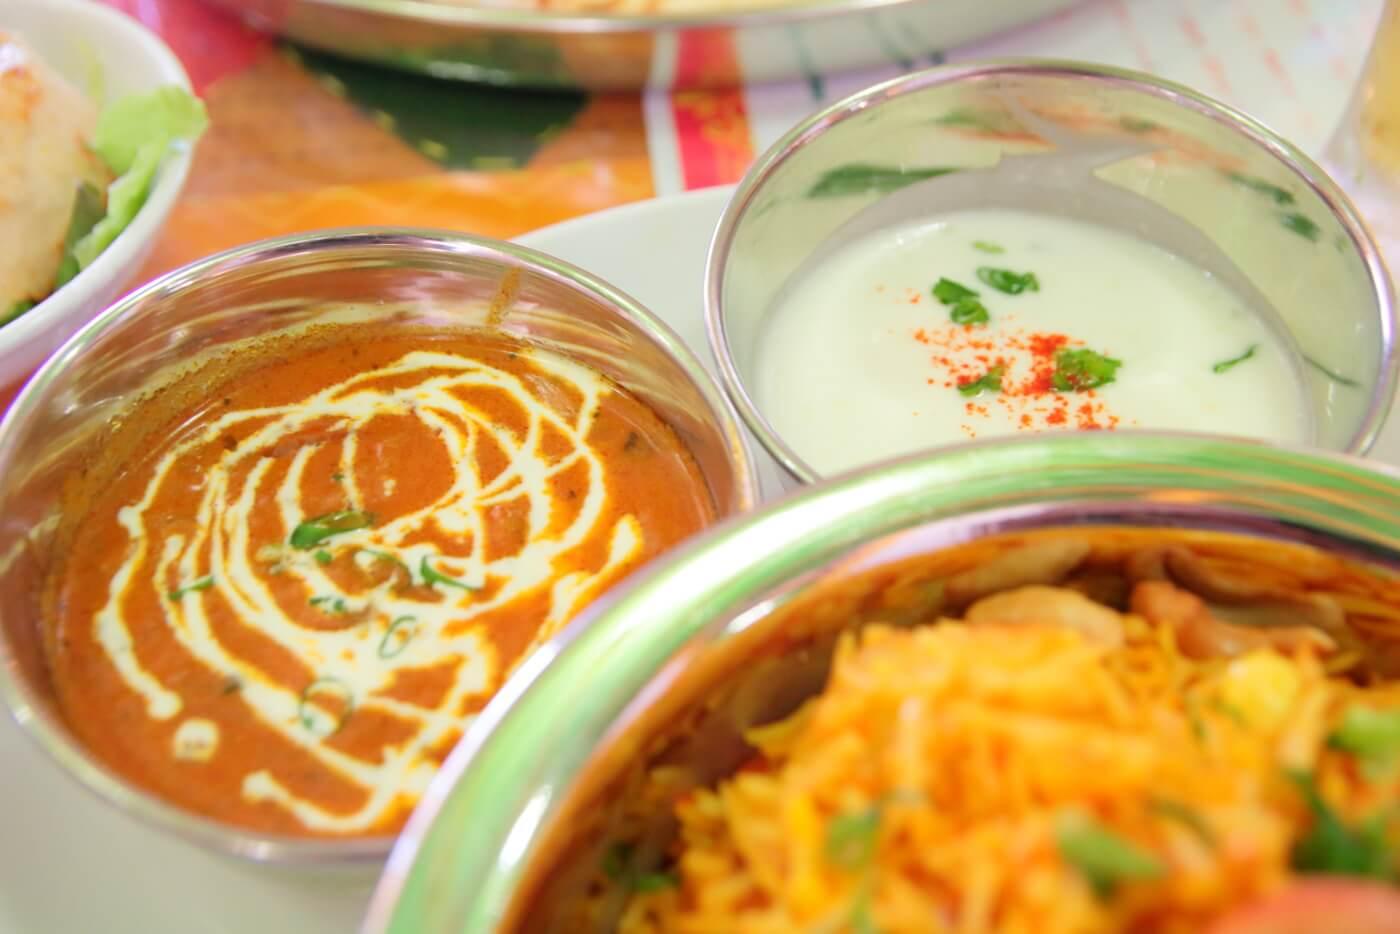 インド料理 スビマハル ビリヤニセットのカレーとヨーグルトソース